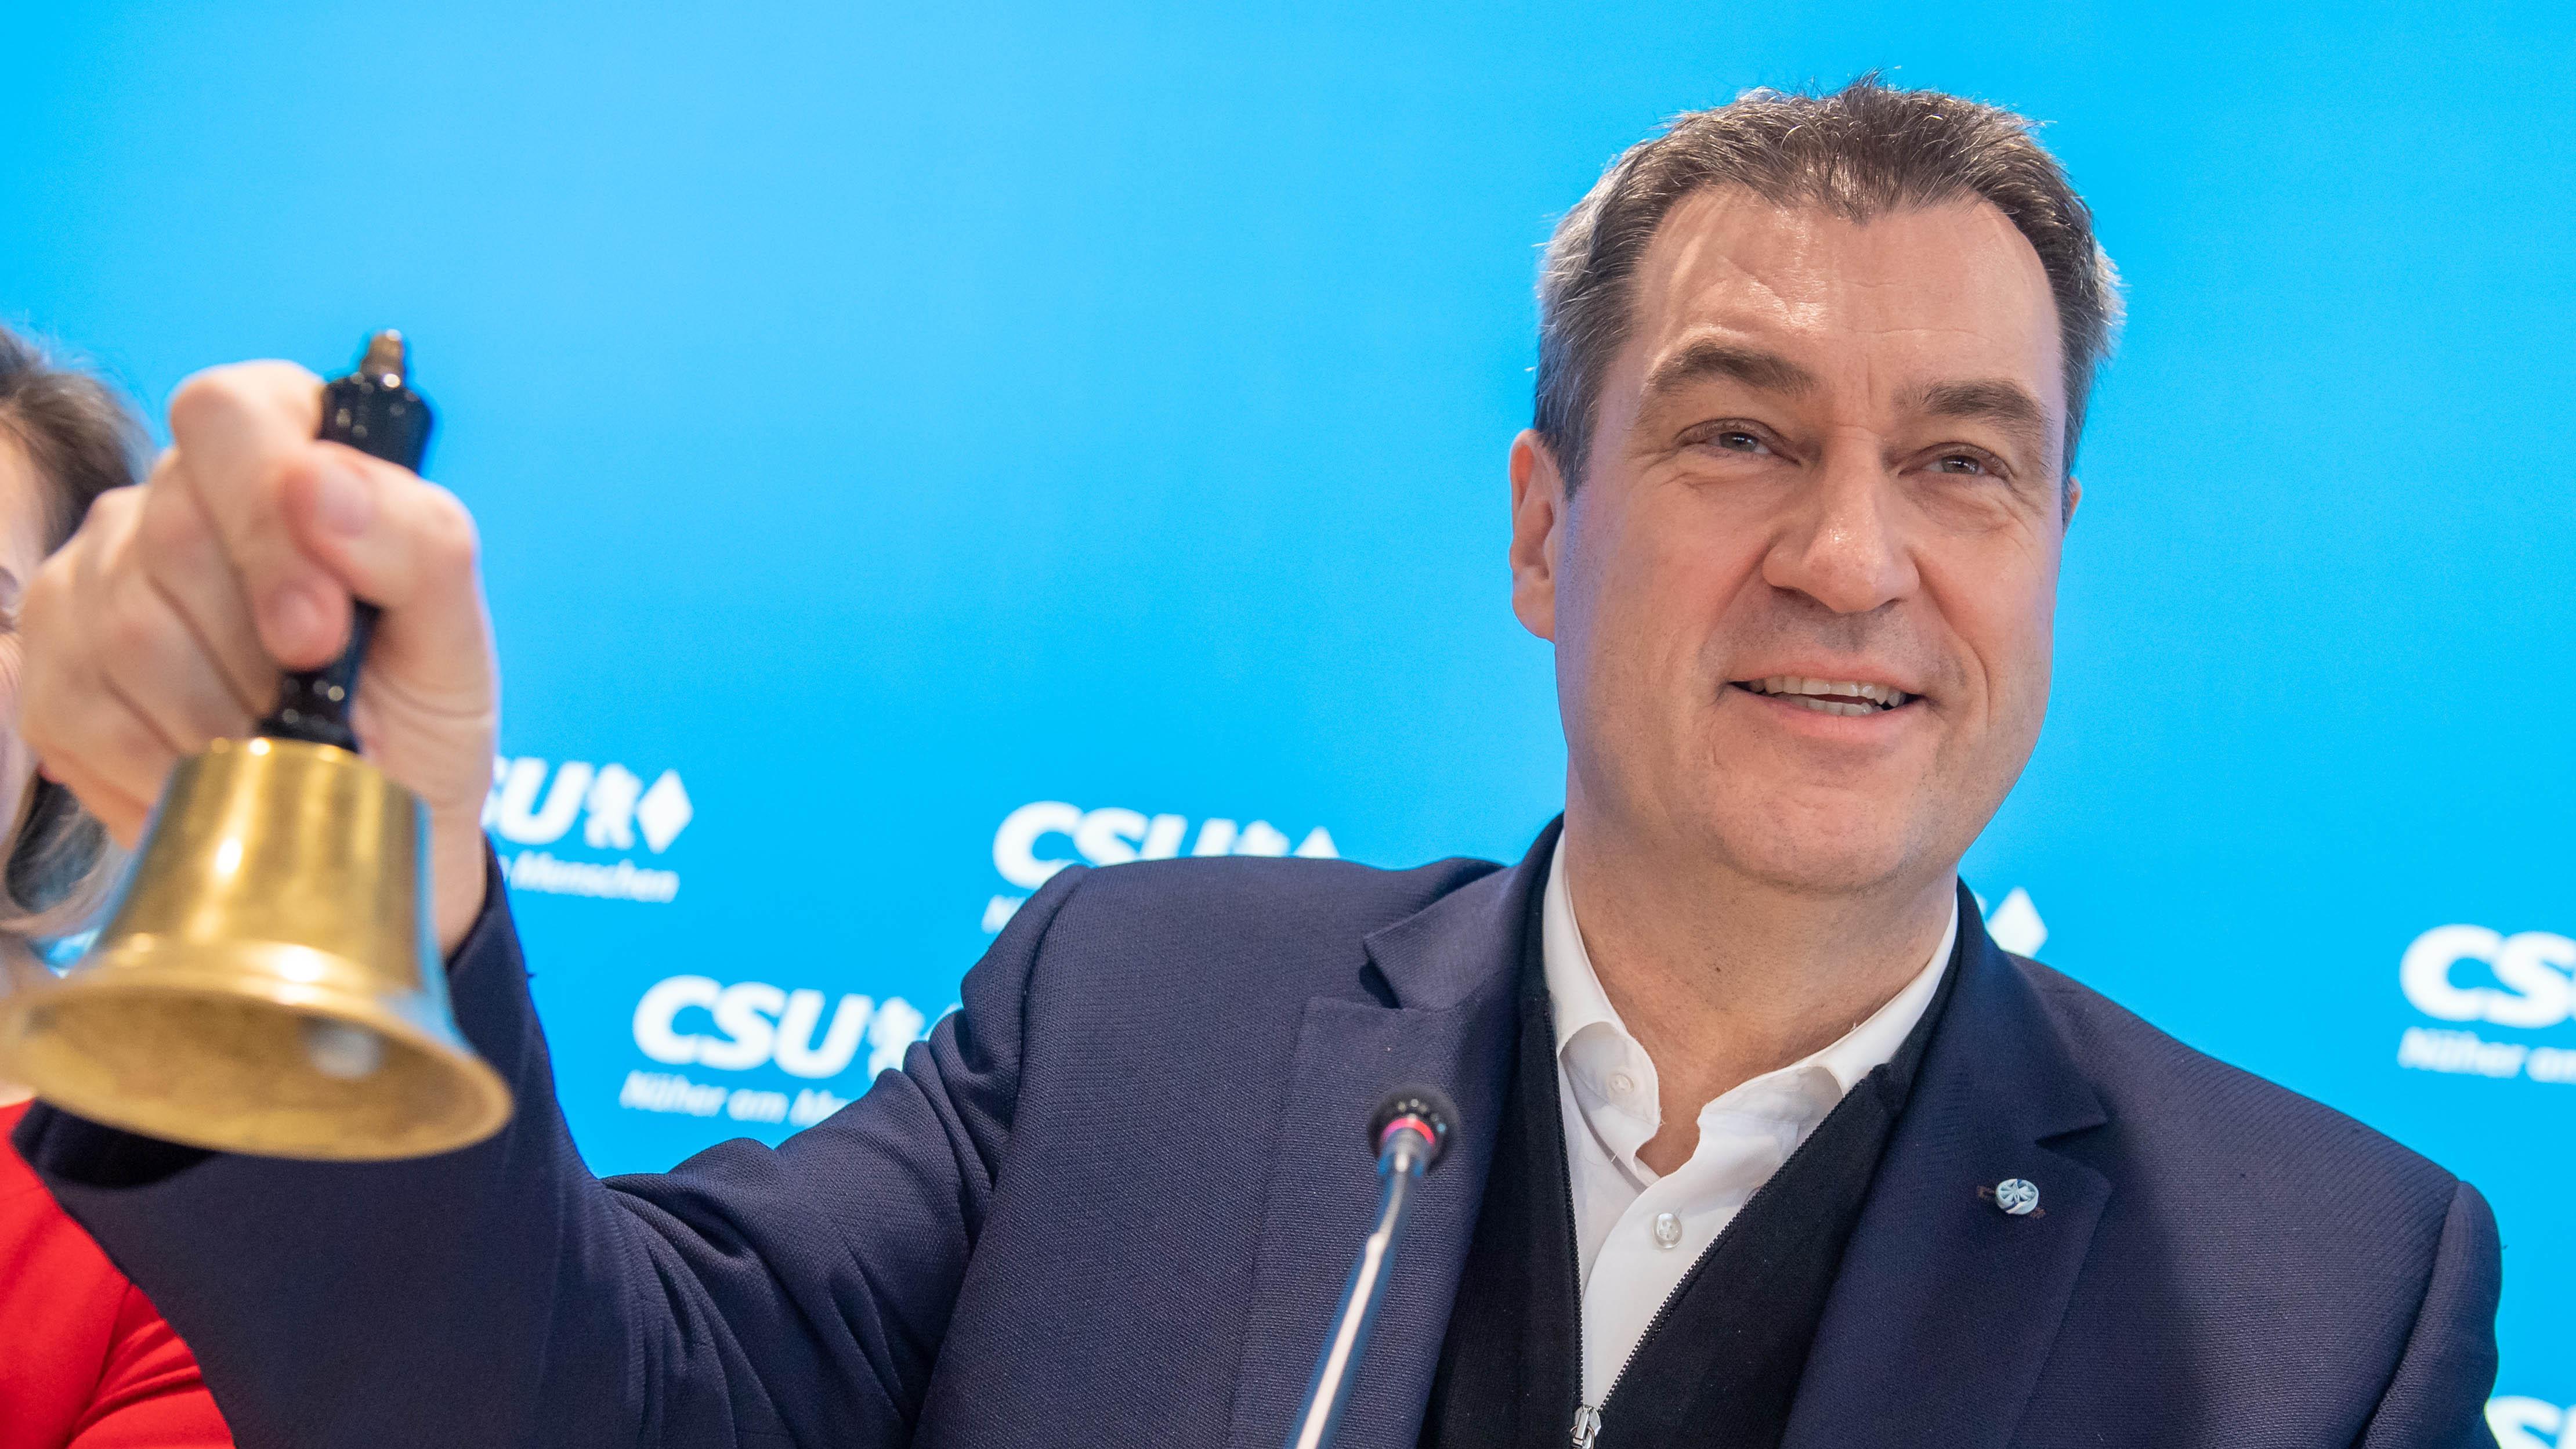 Markus Soder Politik Und Provokation Die 2